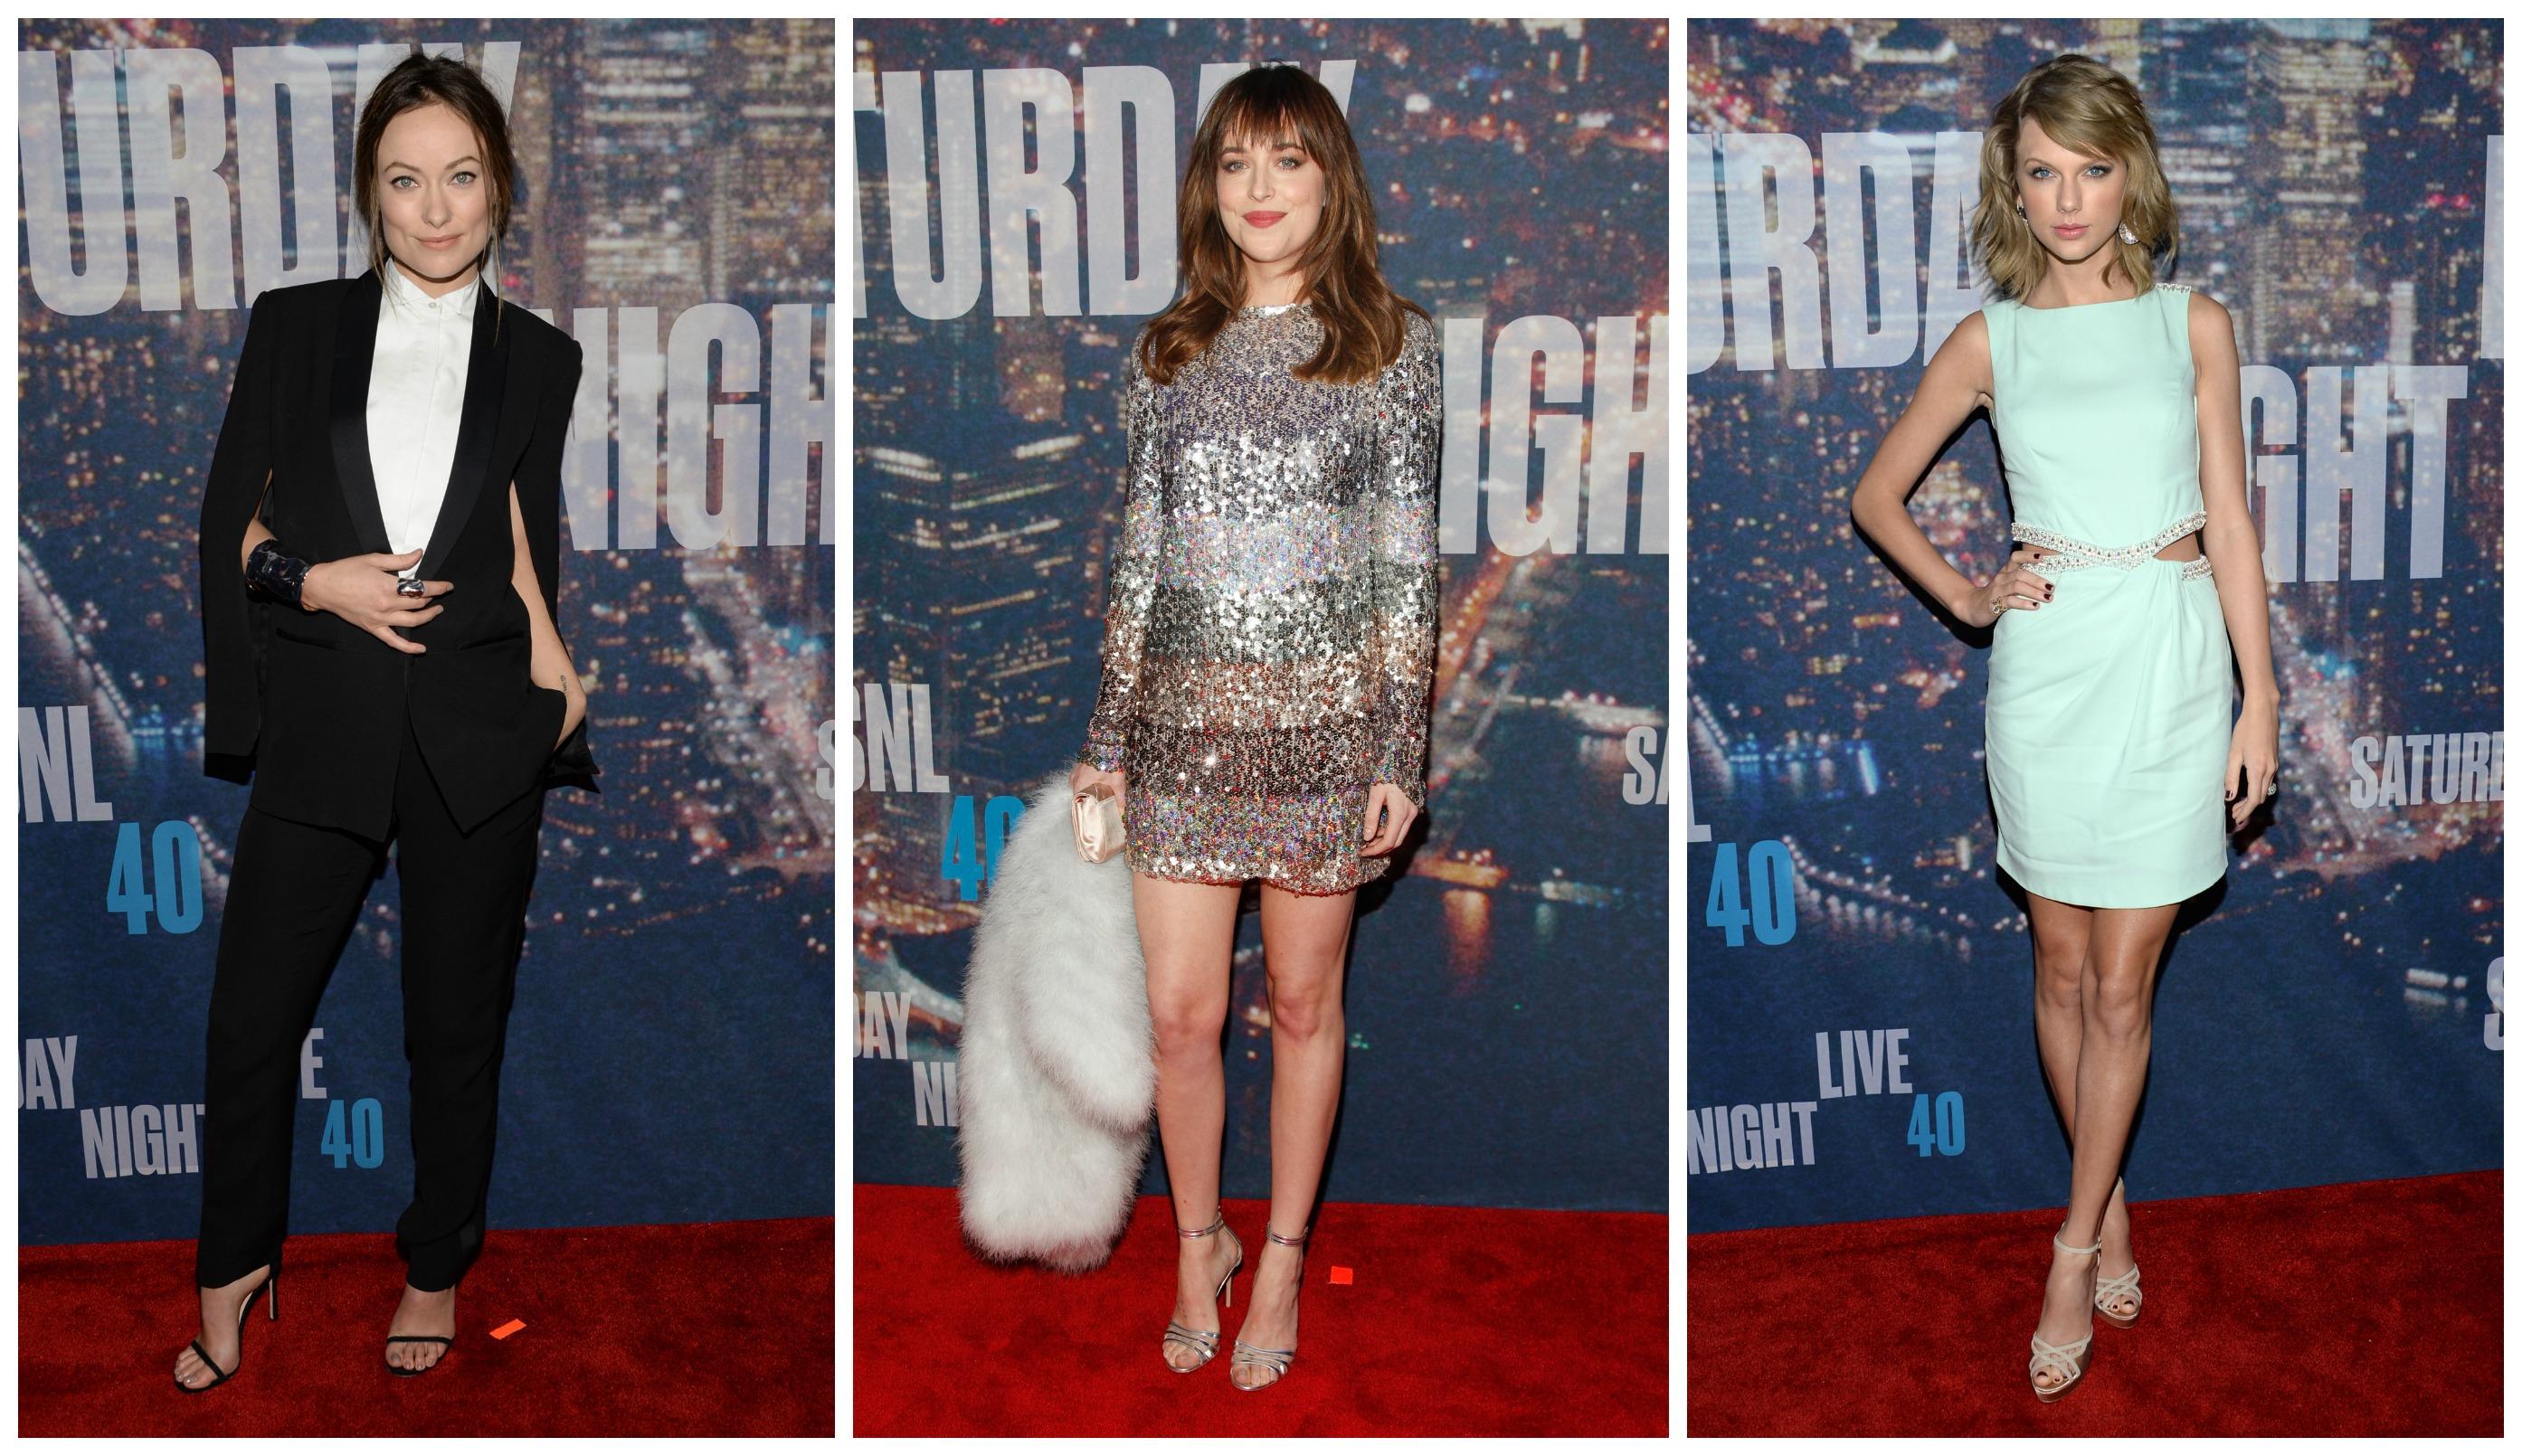 На красной дорожке 40-й вечеринки шоу SNL собрались самые яркие модницы